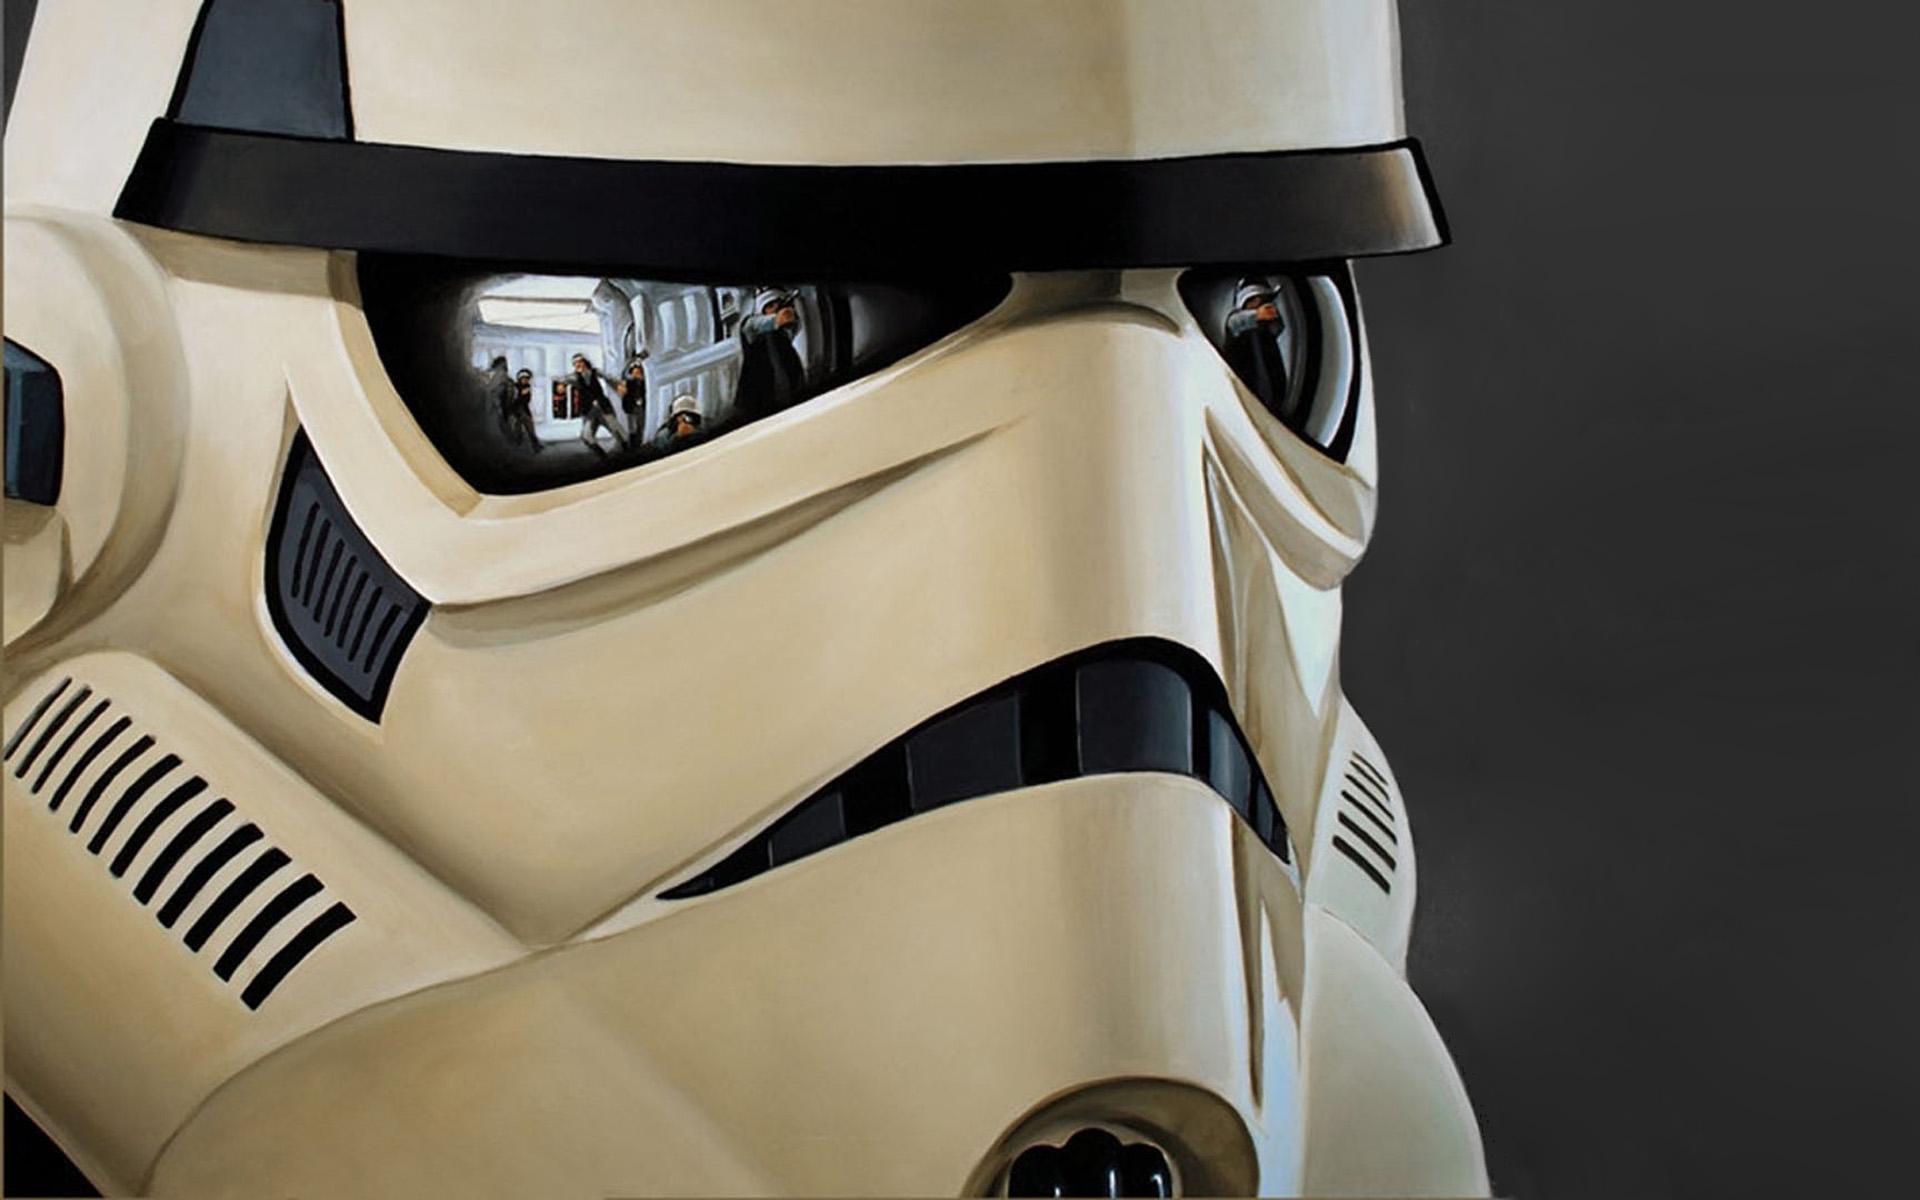 Stormtrooper wallpapers Stormtrooper stock photos 1920x1200